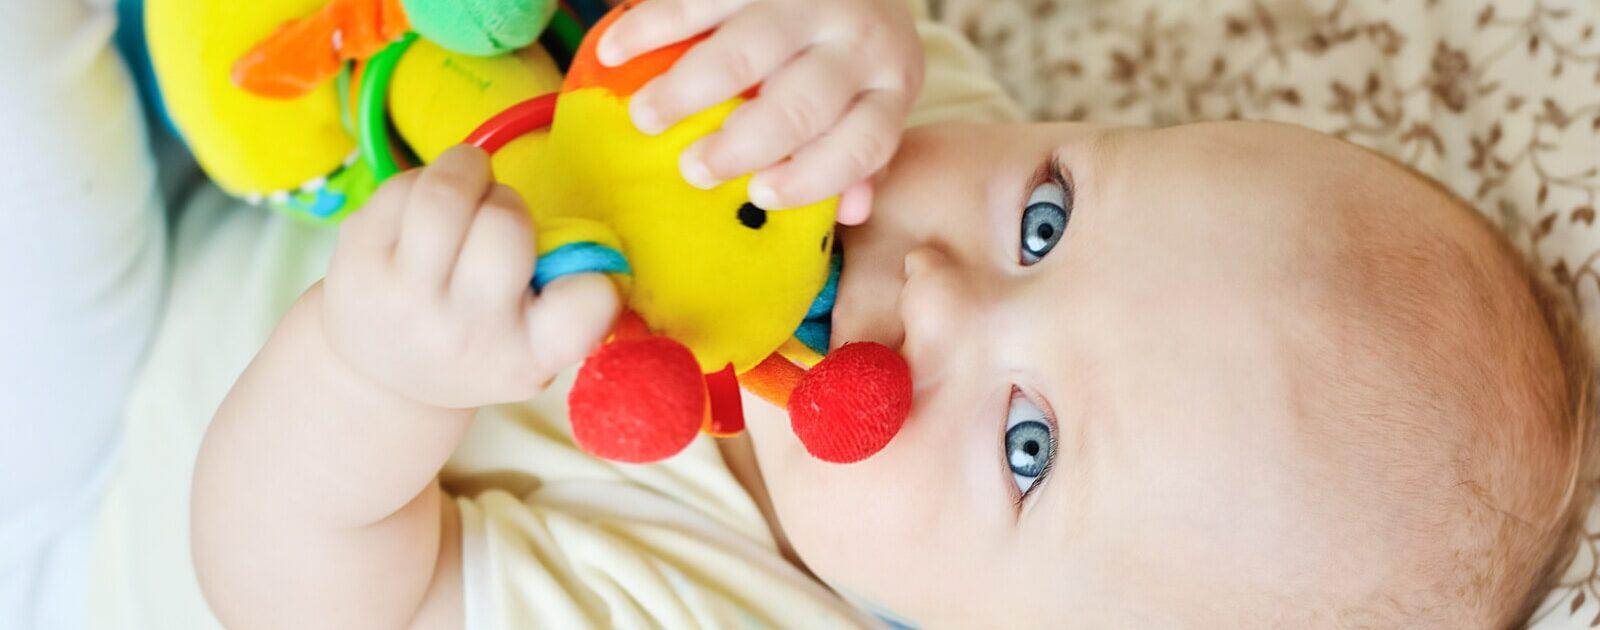 Bevor ein Baby Greifen lernt, übt es, indem es sich Gegenstände in den Mund steckt.